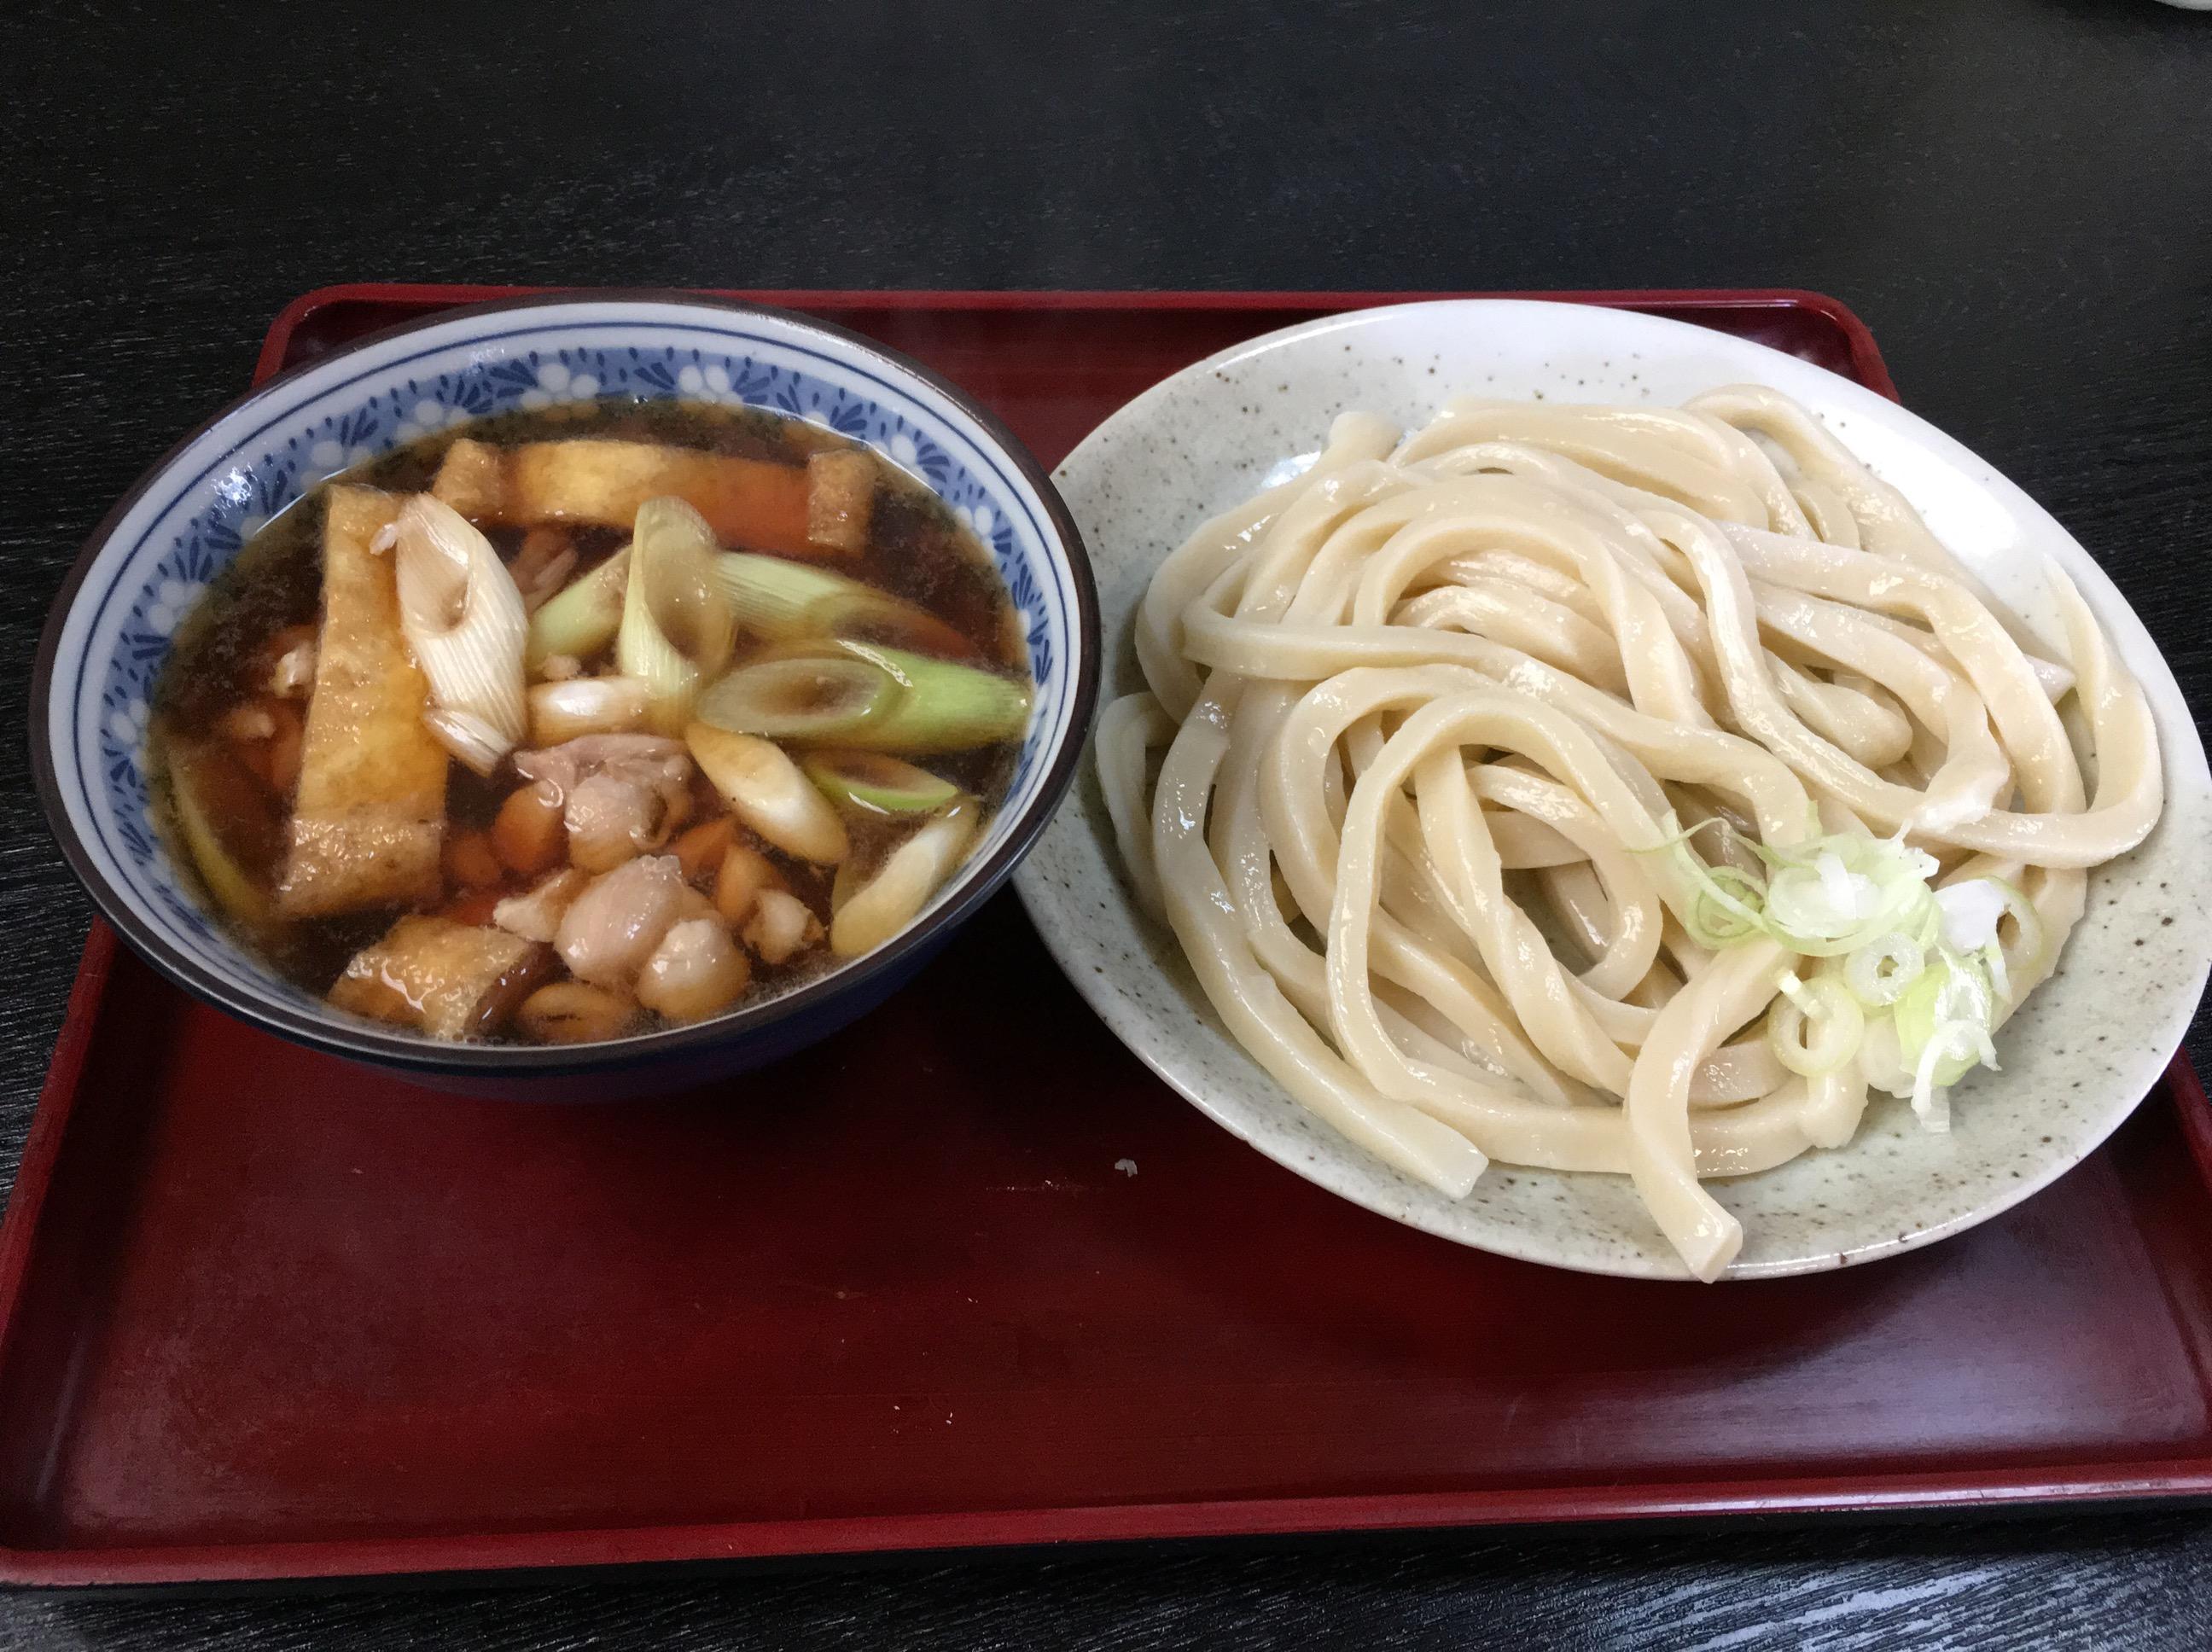 【比企郡小川町】太いうどんにビックリ!「あそび」で鶏汁うどん食べてきた